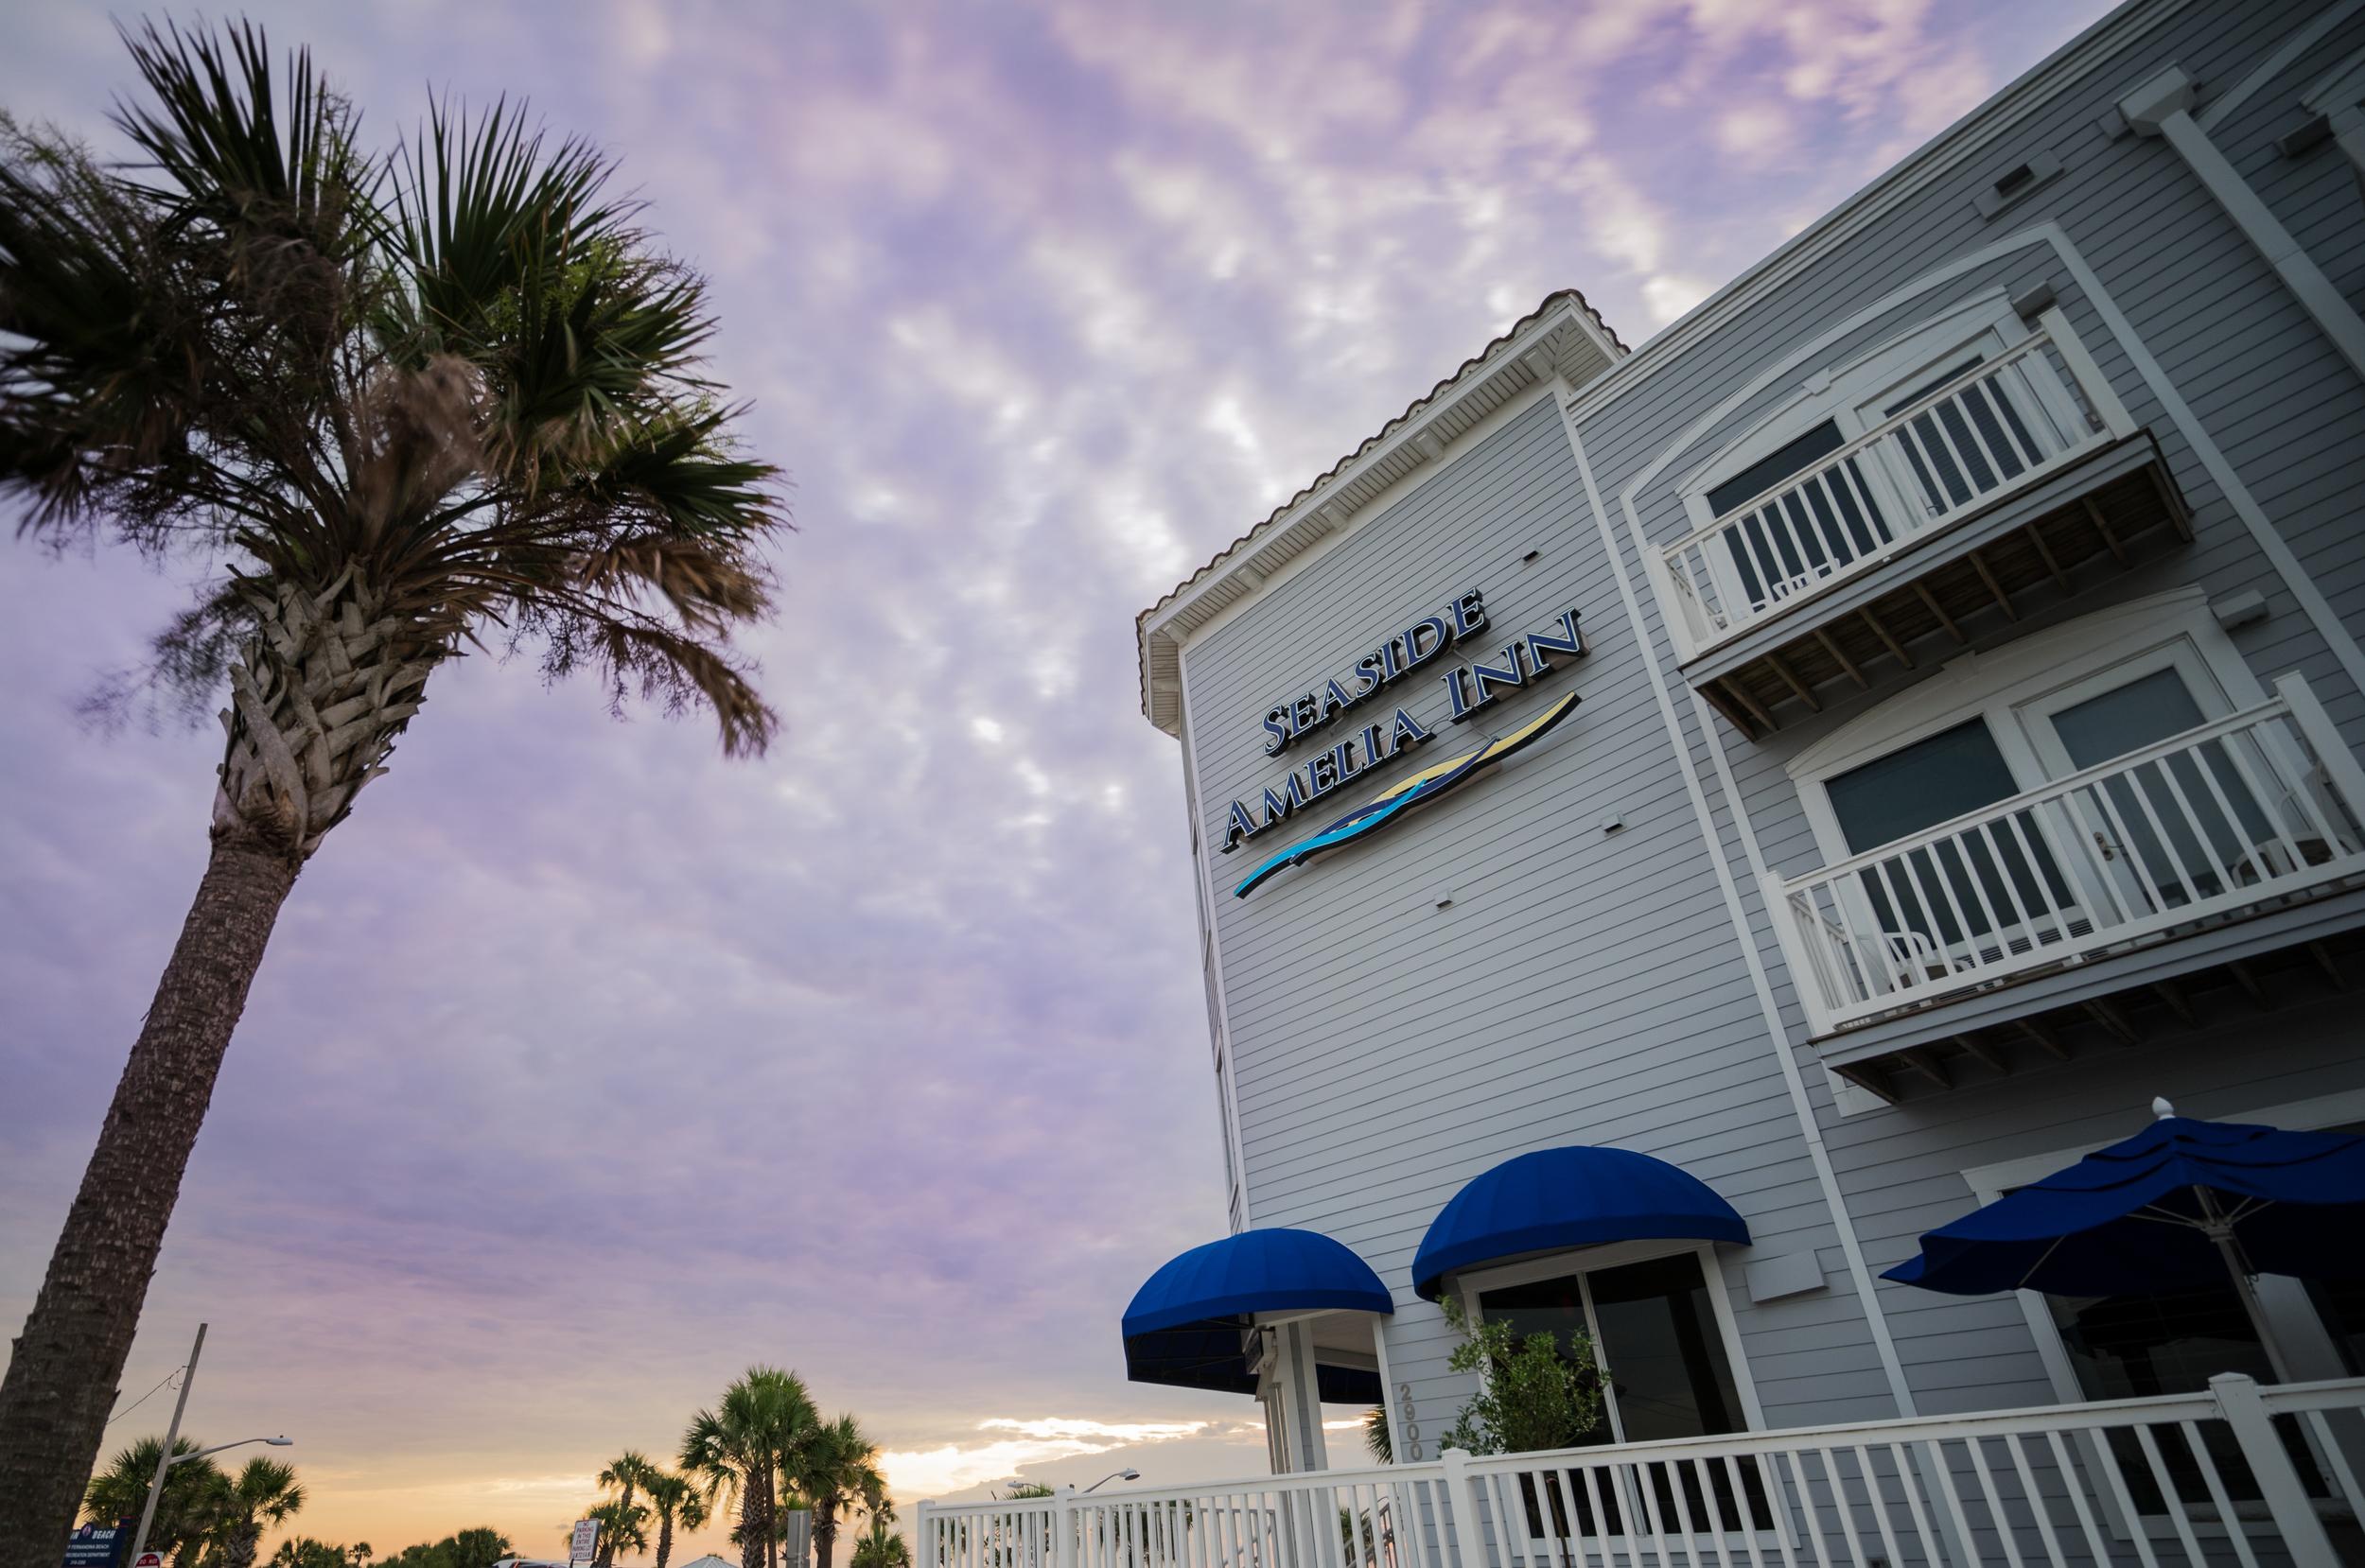 Seaside Amelia Inn